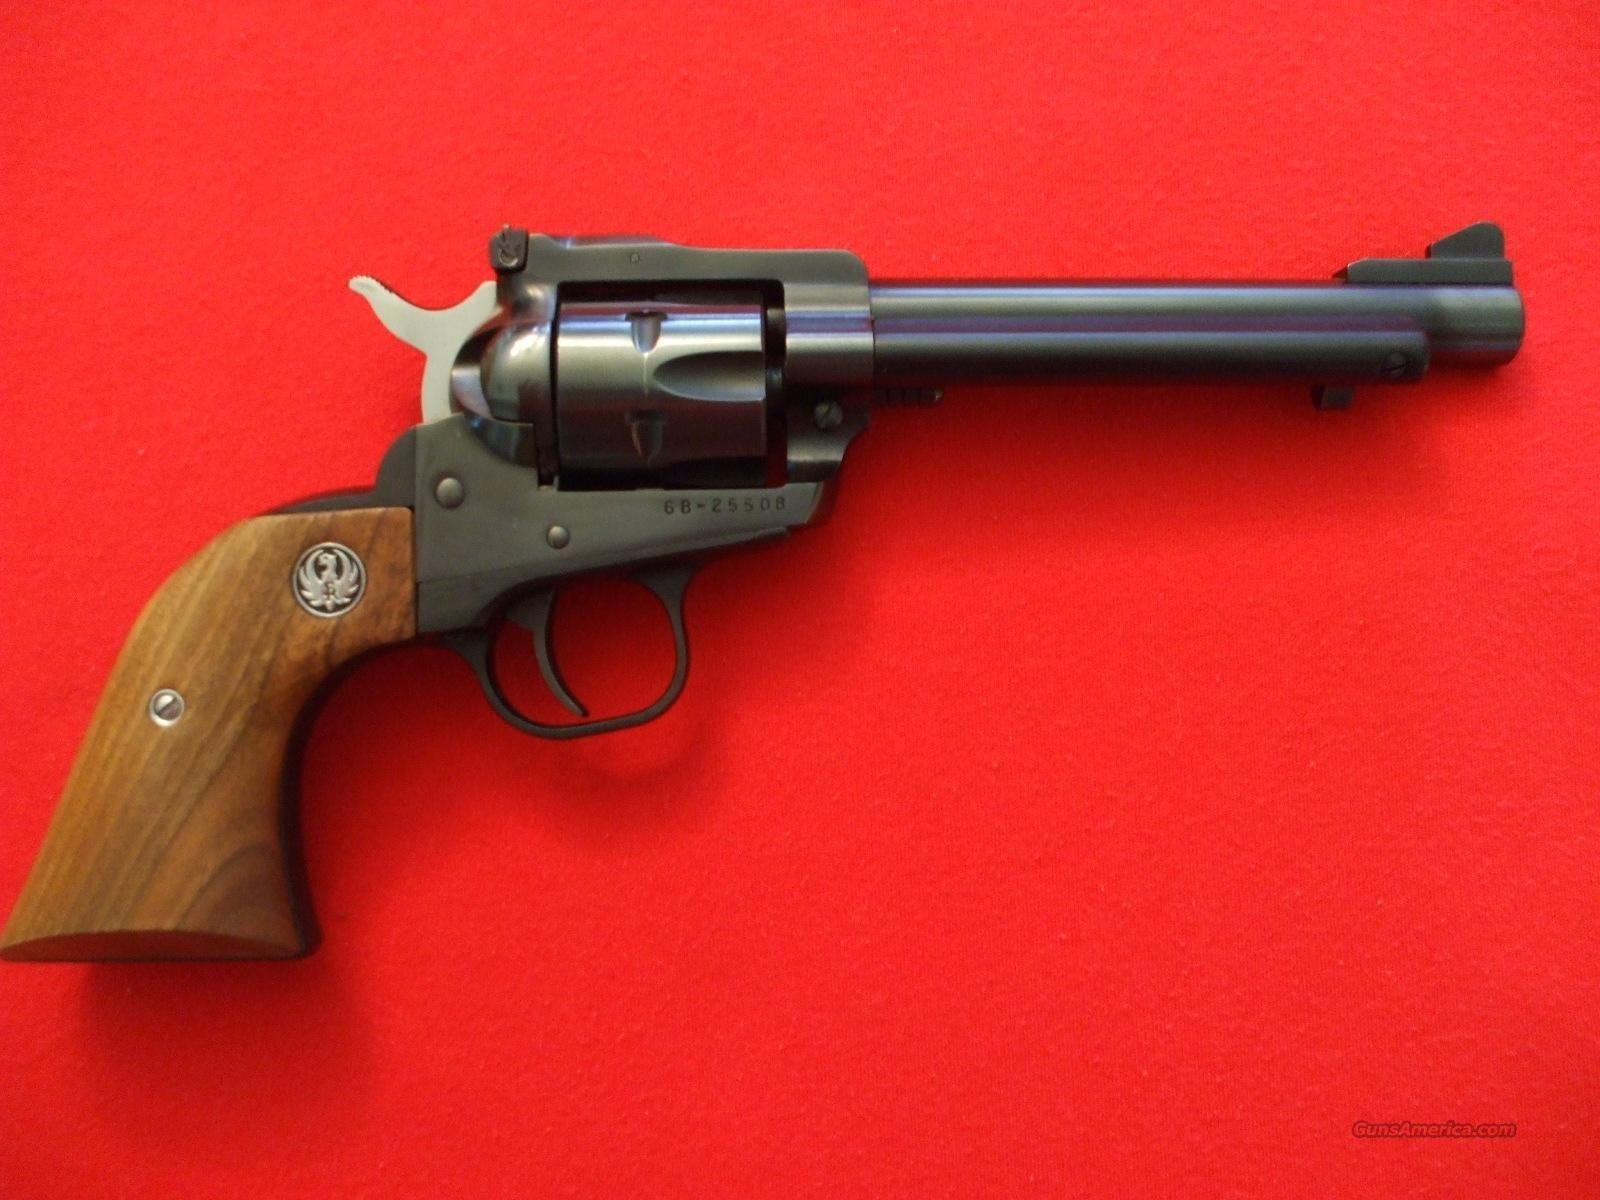 RUGER Single Six Revolver 22 LR & Magnum 5-1/2